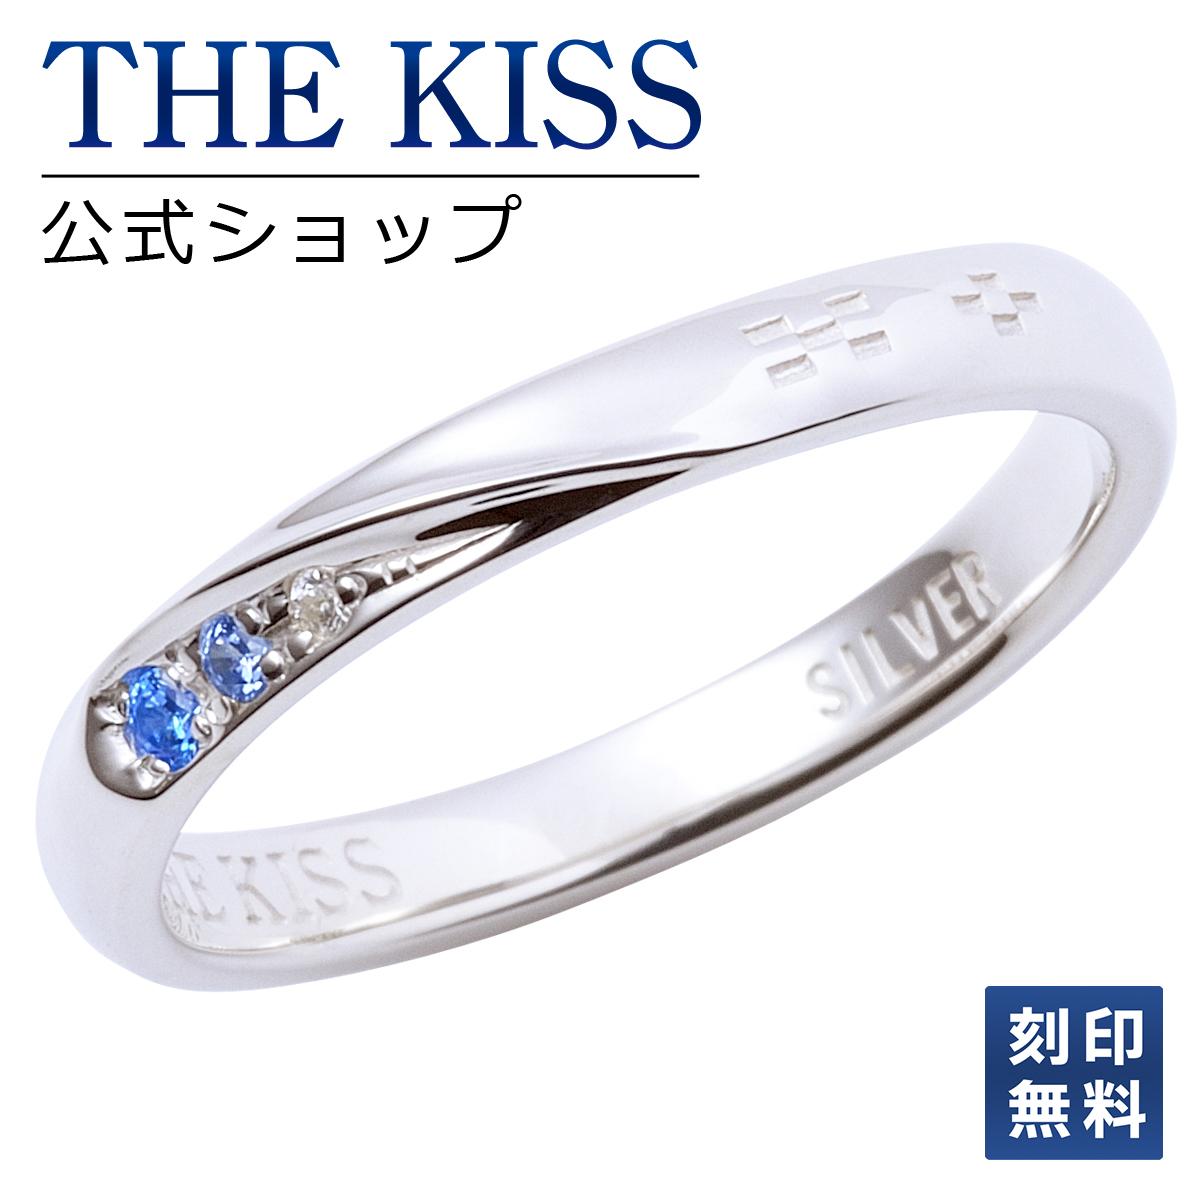 【刻印可_3文字】【あす楽対応】THE KISS 公式サイト シルバー ペアリング ( レディース 単品 ) ペアアクセサリー カップル に 人気 の ジュエリーブランド THEKISS ペア リング・指輪 記念日 プレゼント SR2440CB ザキス 【送料無料】